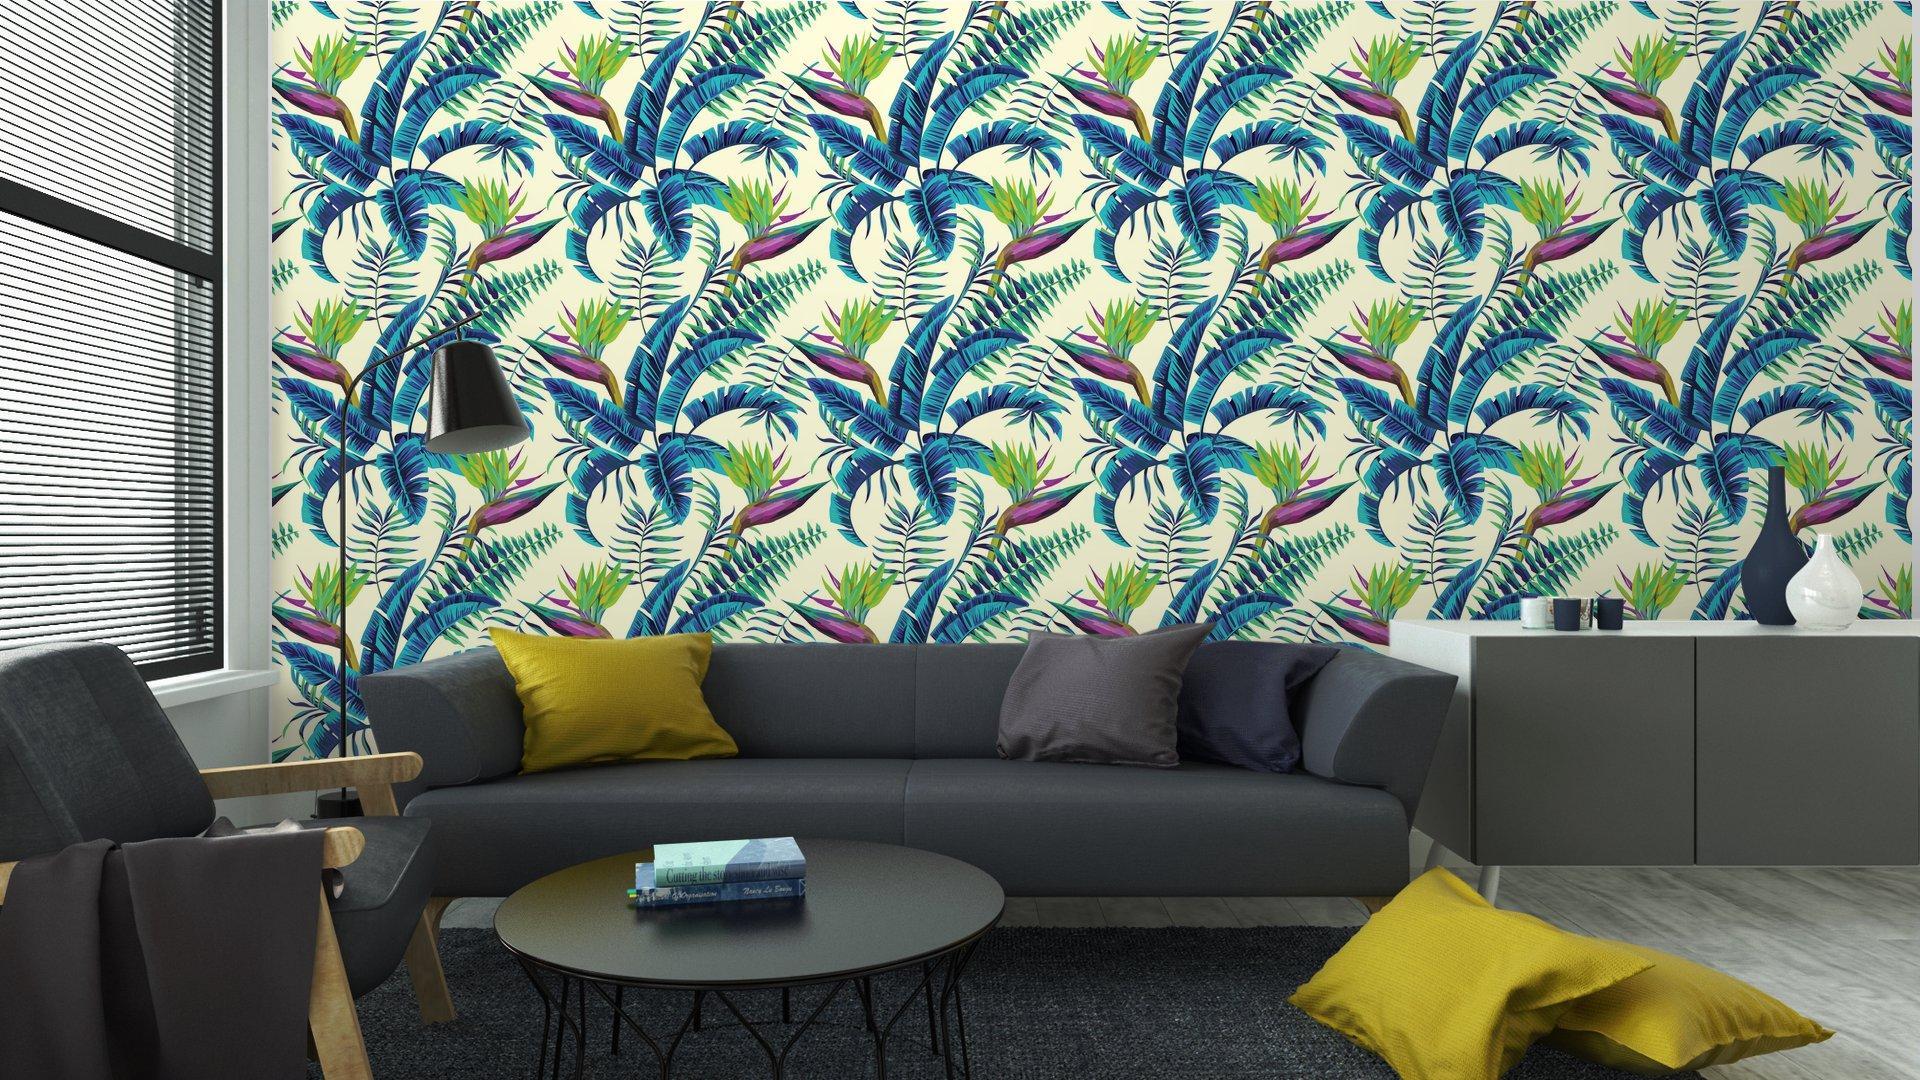 Fotomurales Mexico papeles pintados lavables fondo transparente de la pintura exotica tropical5 - Papel Tapiz Patrón Hojas Verde Turquesa en Fondo Blanco 01